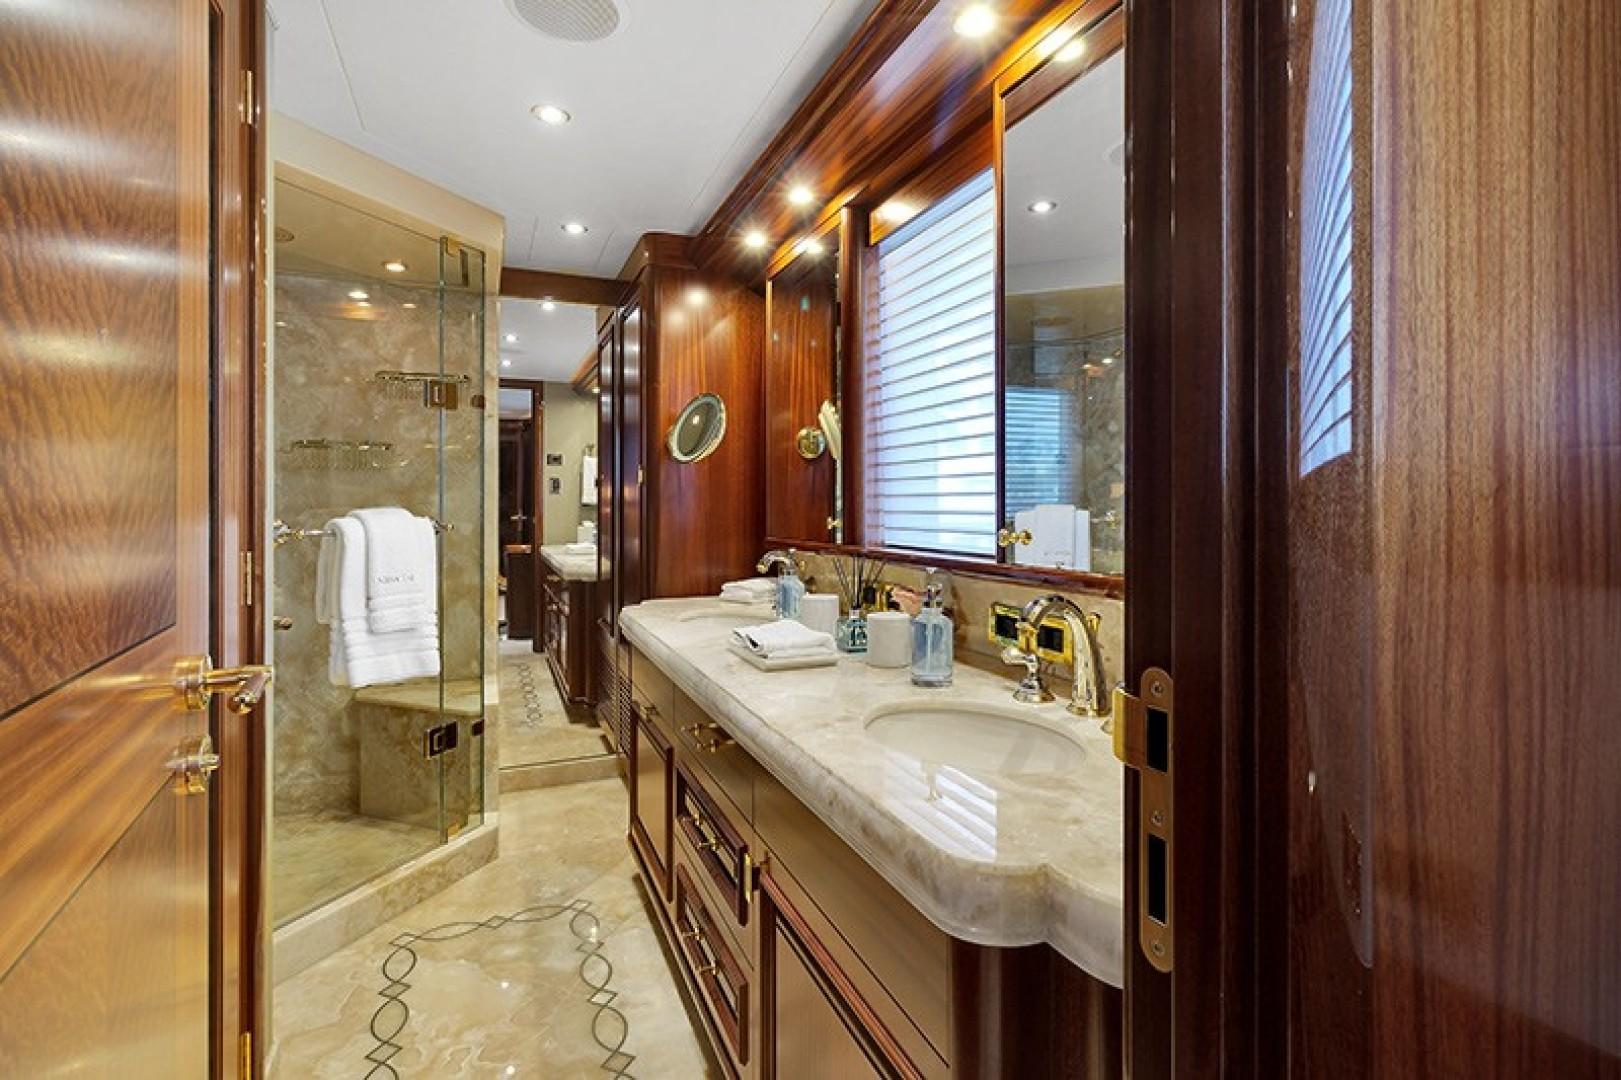 Westport-Westport 40 meter 2011-NINA LU Miami-Florida-United States-1644732 | Thumbnail